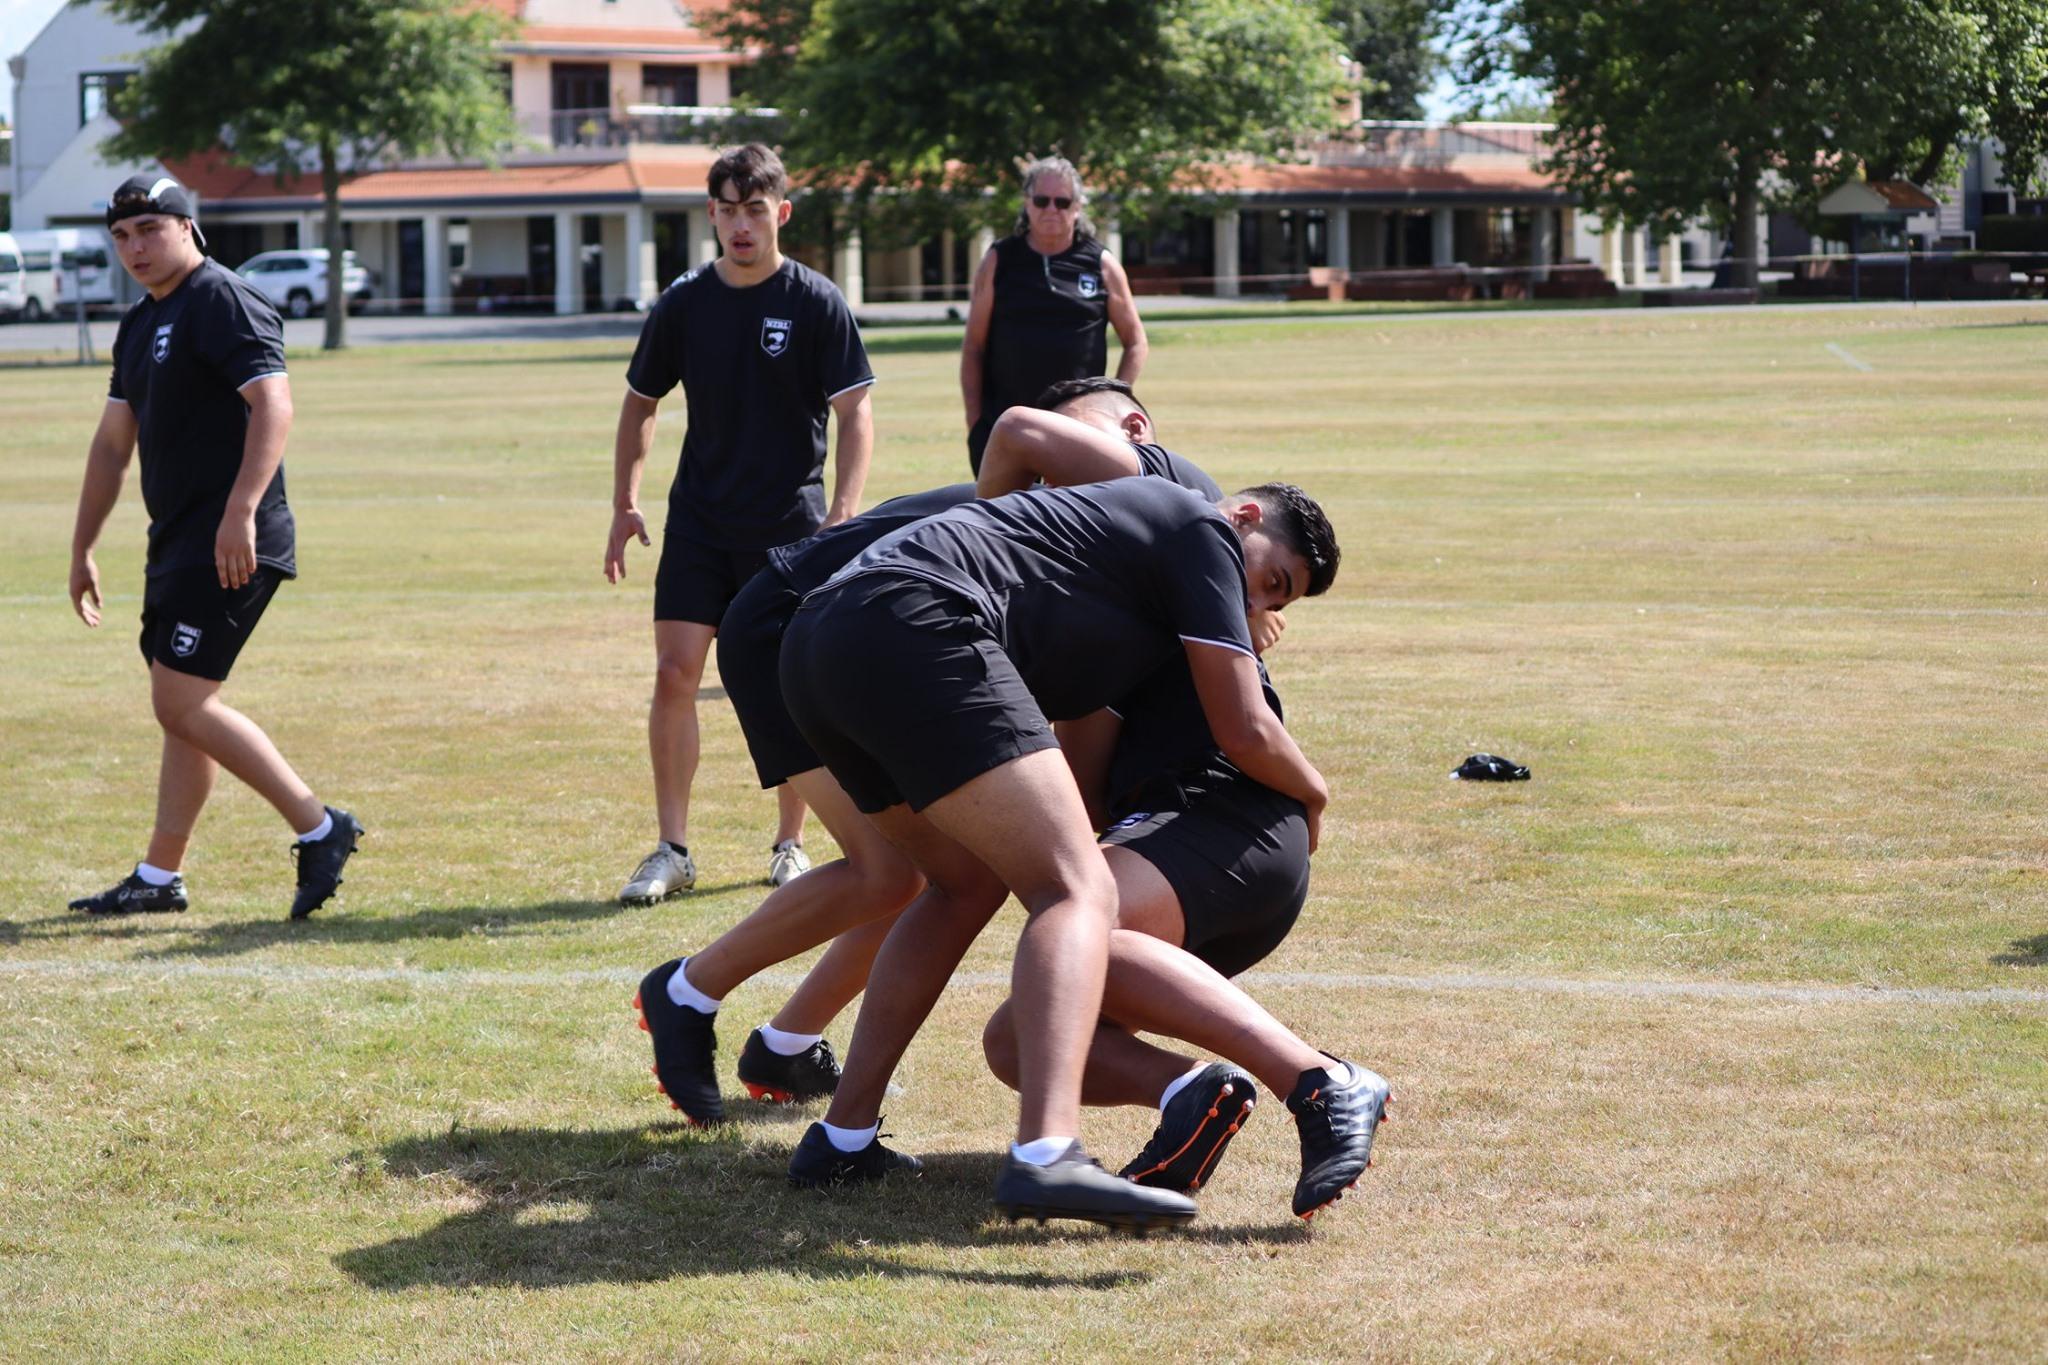 Warriors U18s too strong for NZRL Development U18s in Cambridge